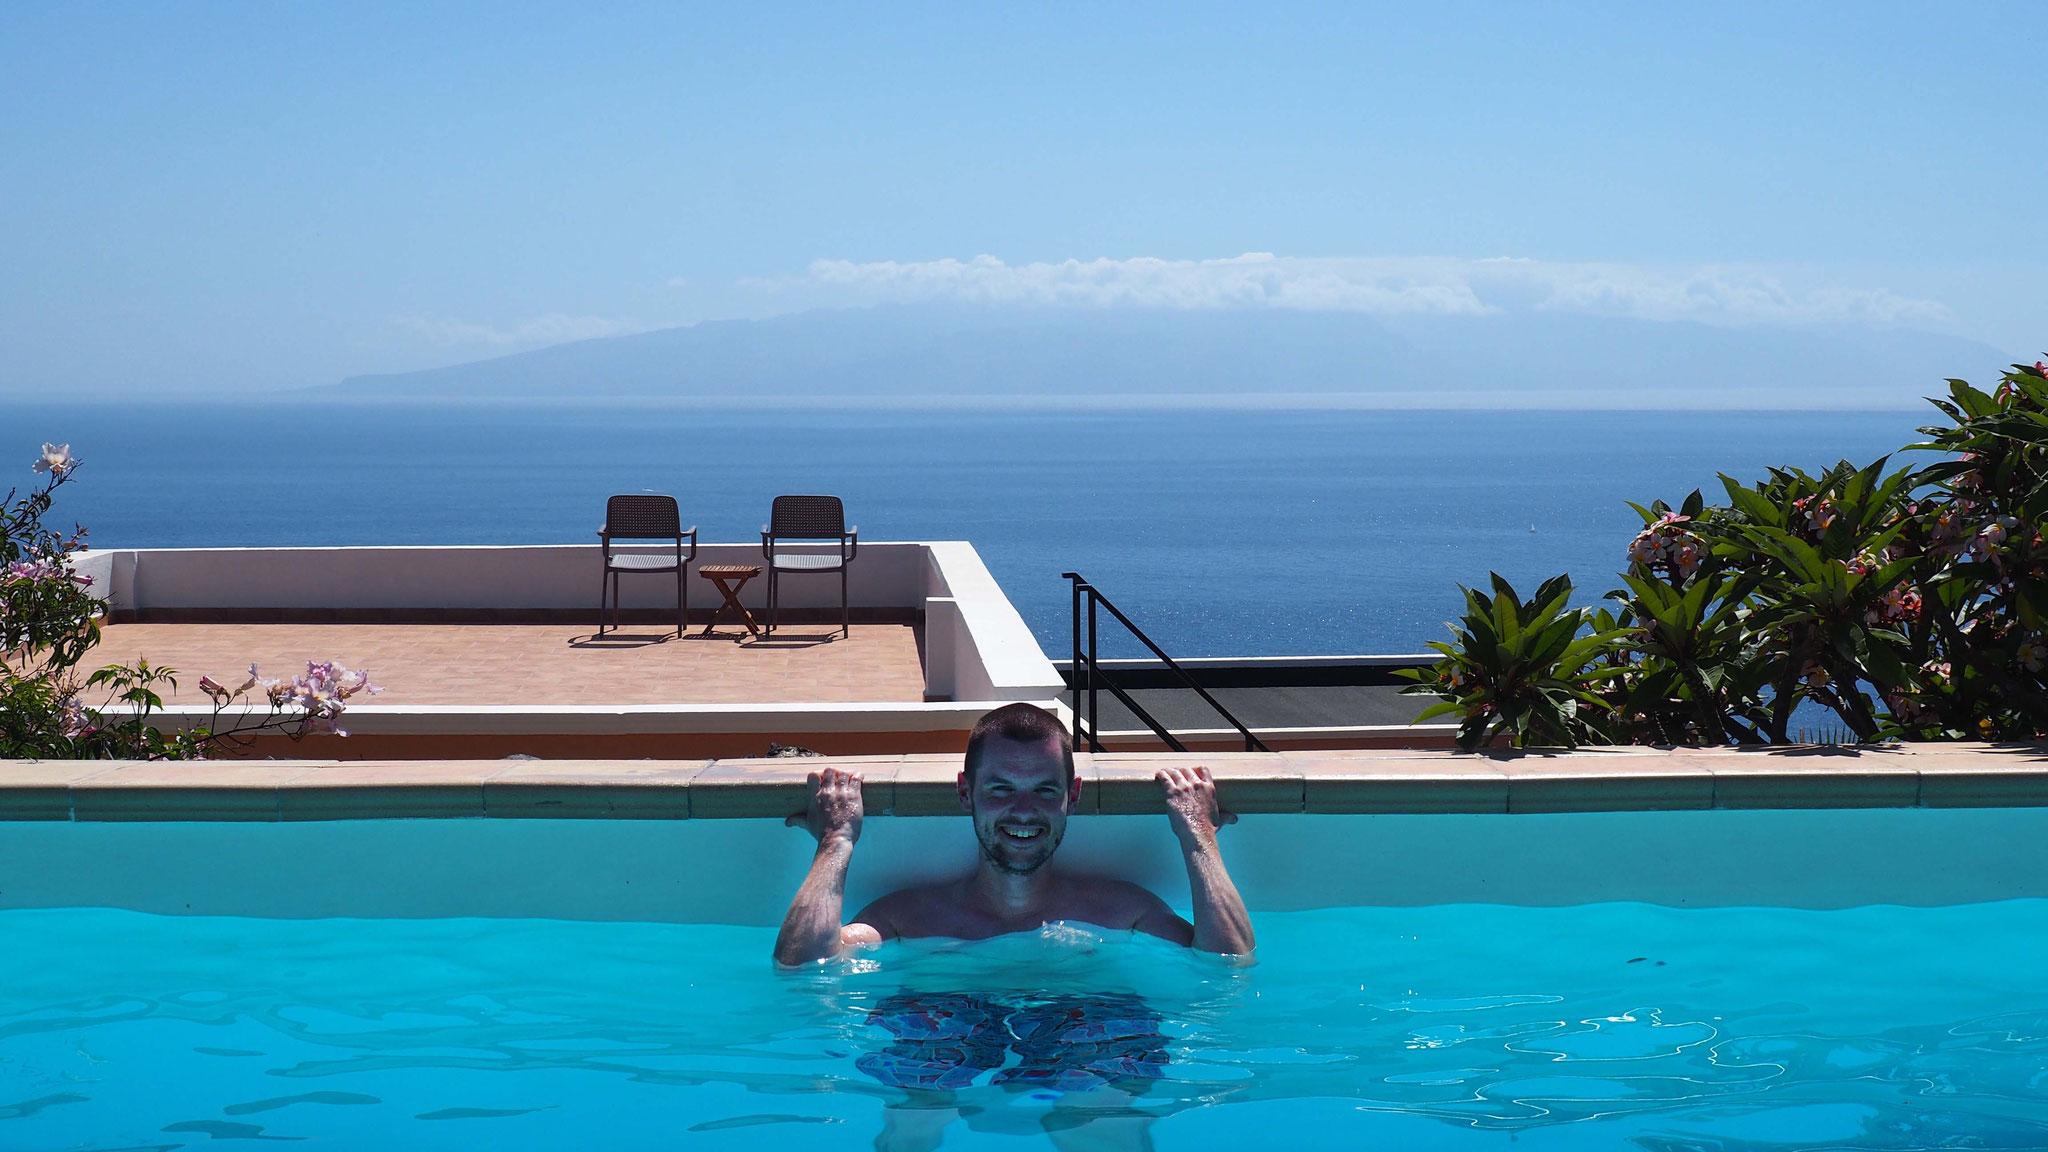 Pépère dans la piscine - Ténérife - Canaries